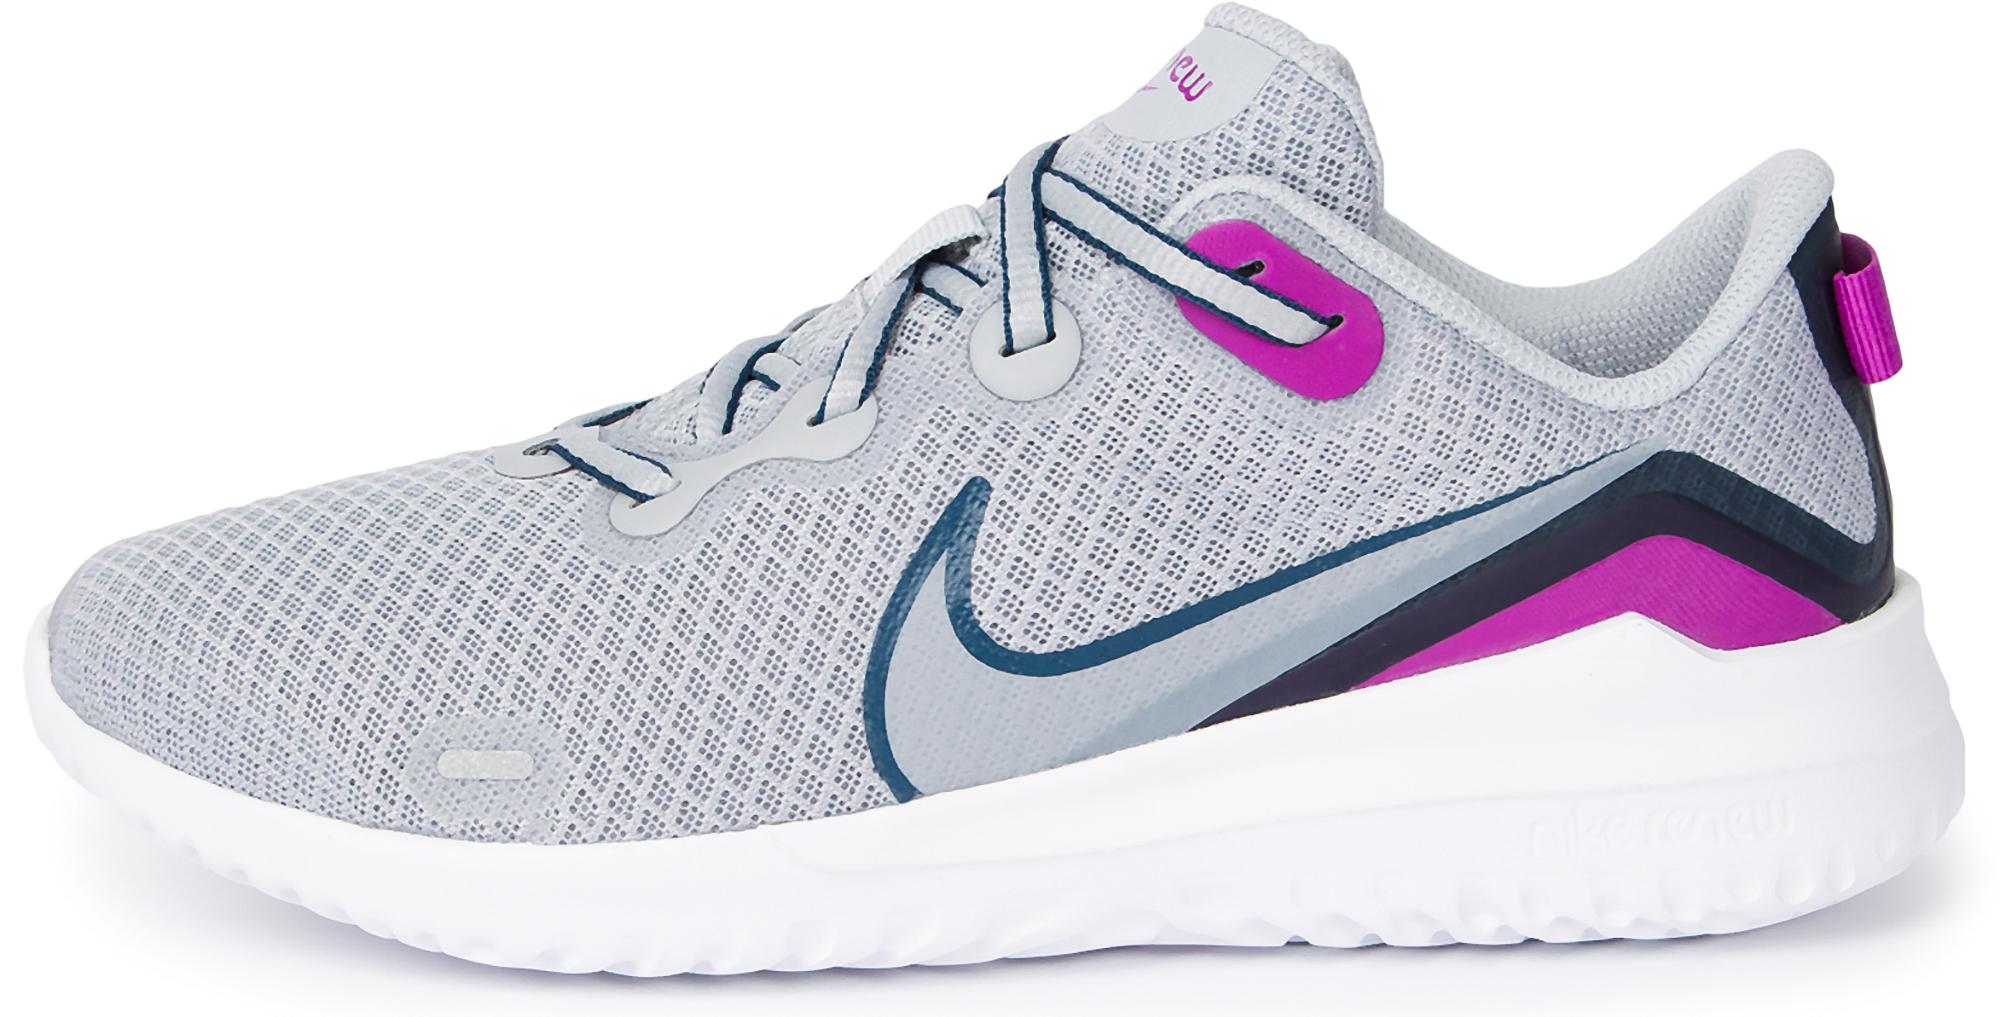 Nike Кроссовки женские Renew Arena 2, размер 39,5